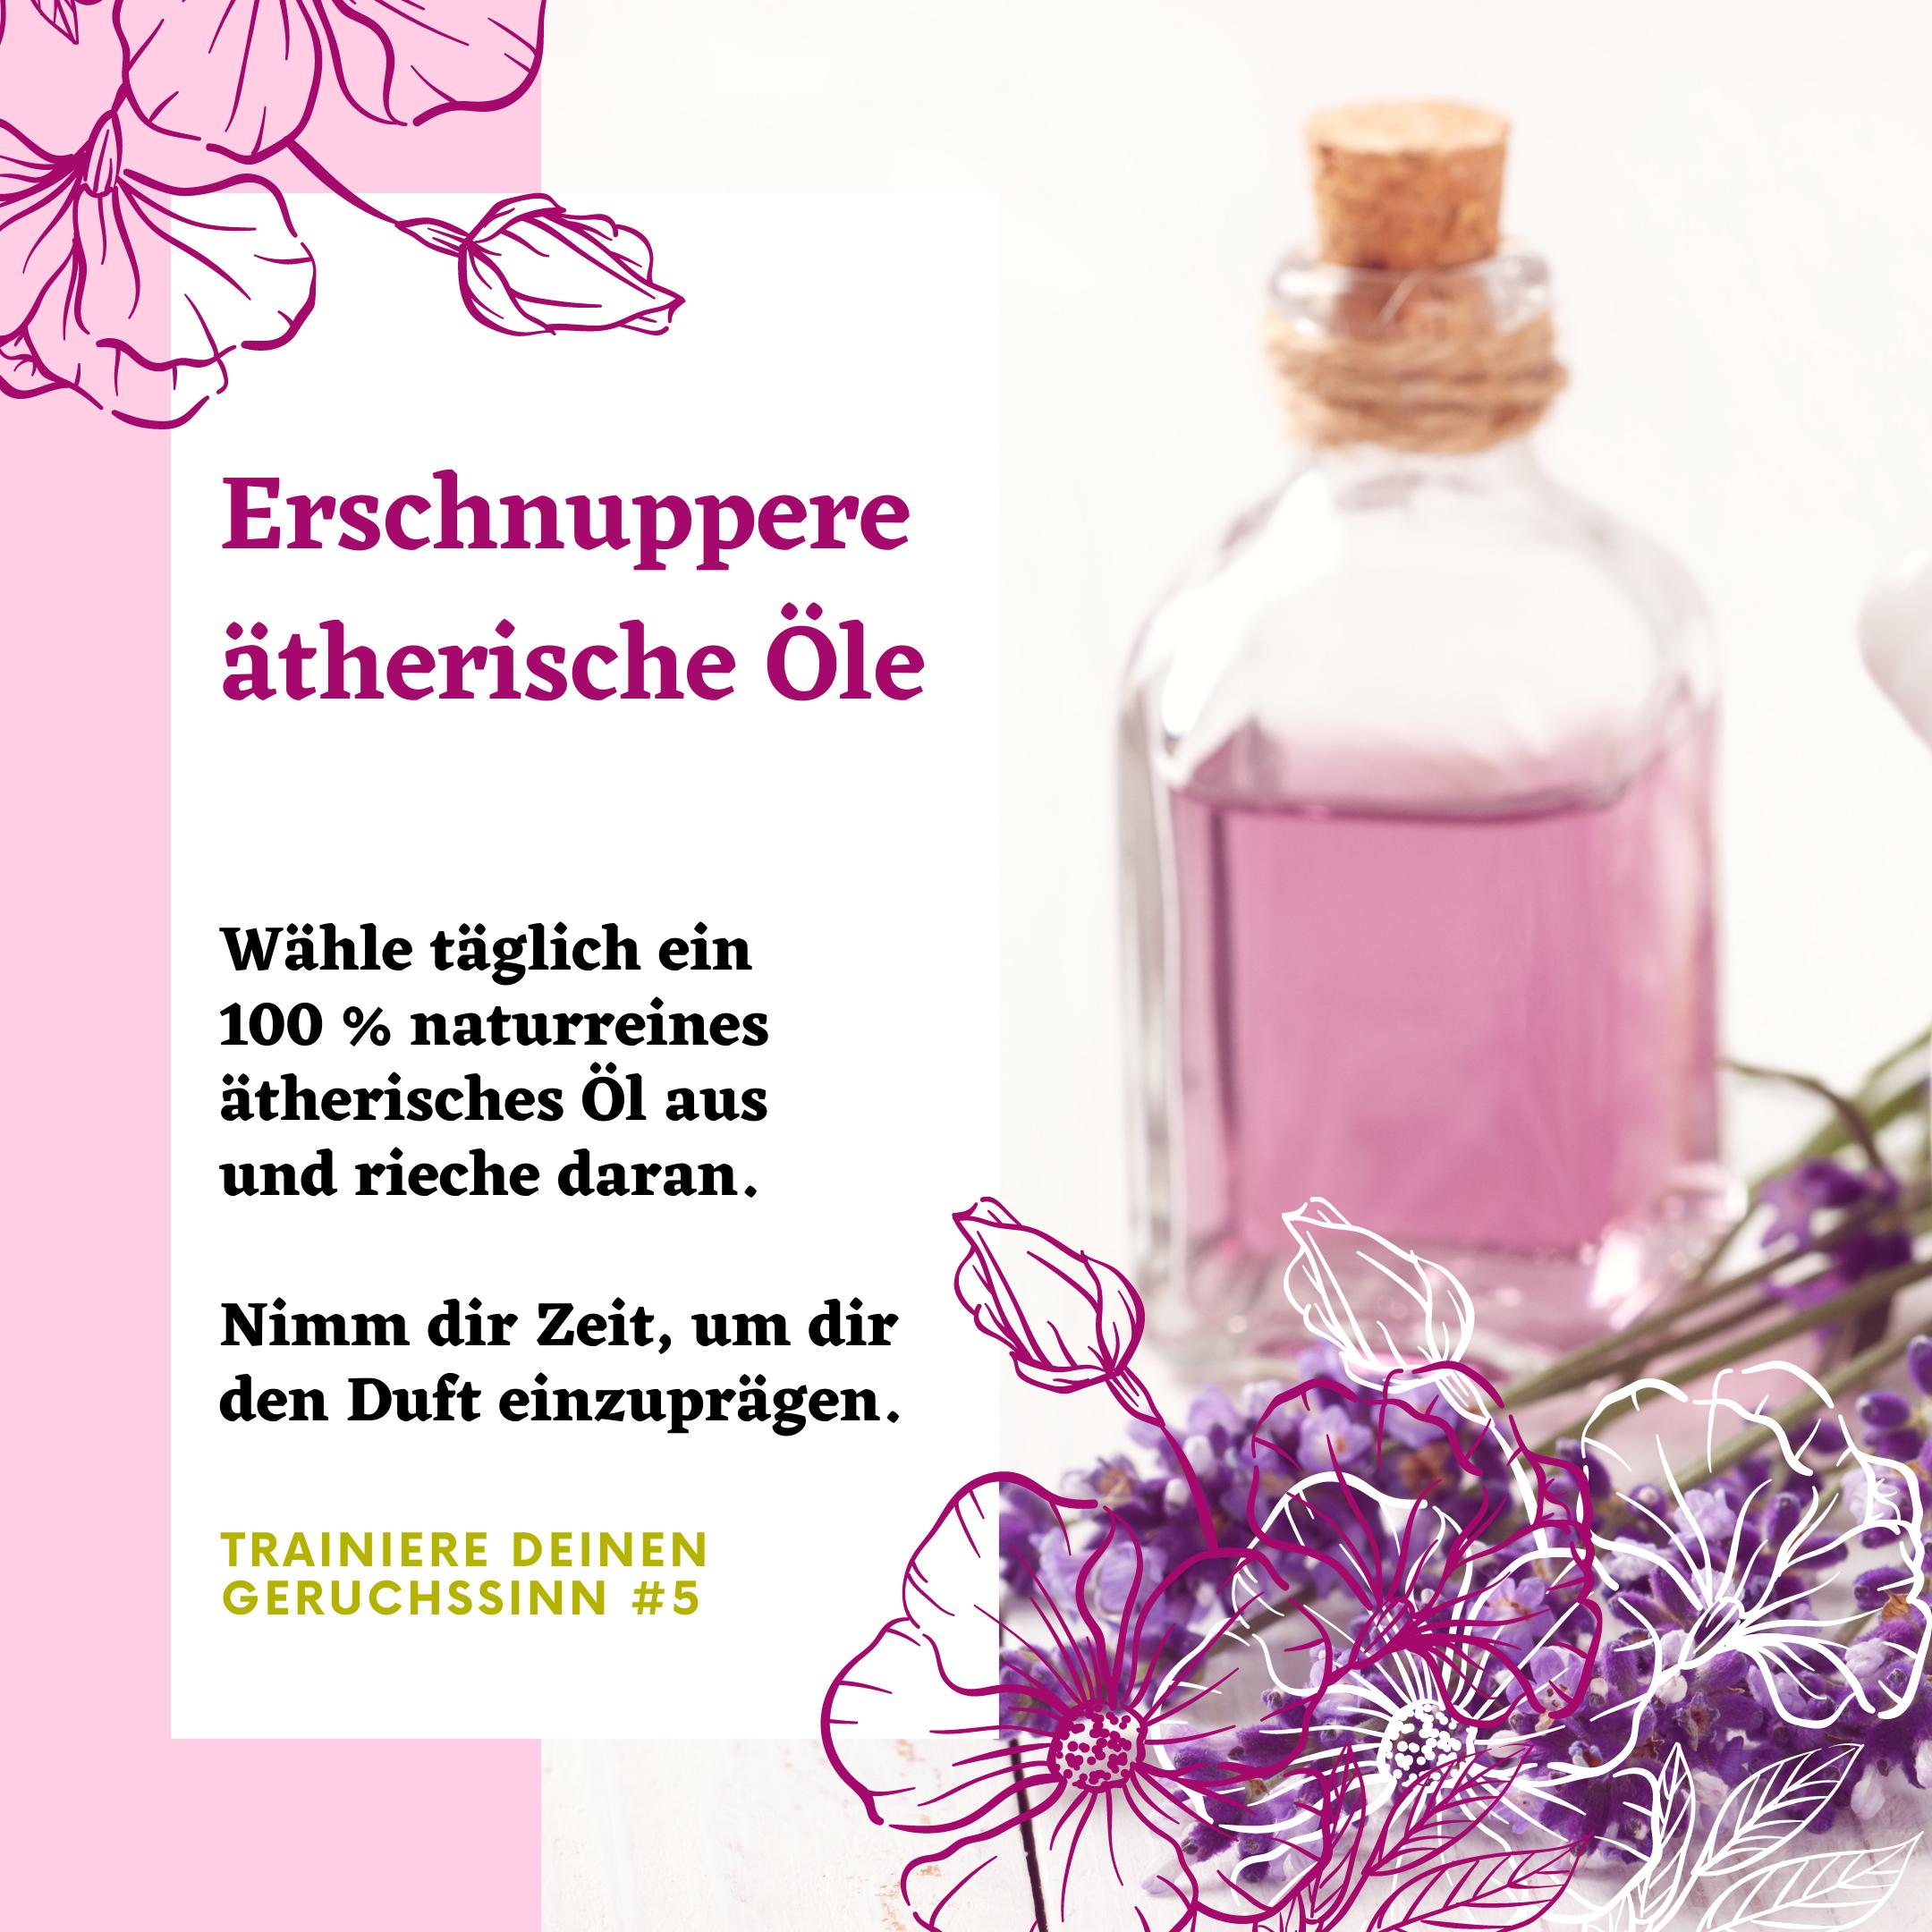 Trainiere deinen Geruchssinn: Erschnuppere ätherische Öle